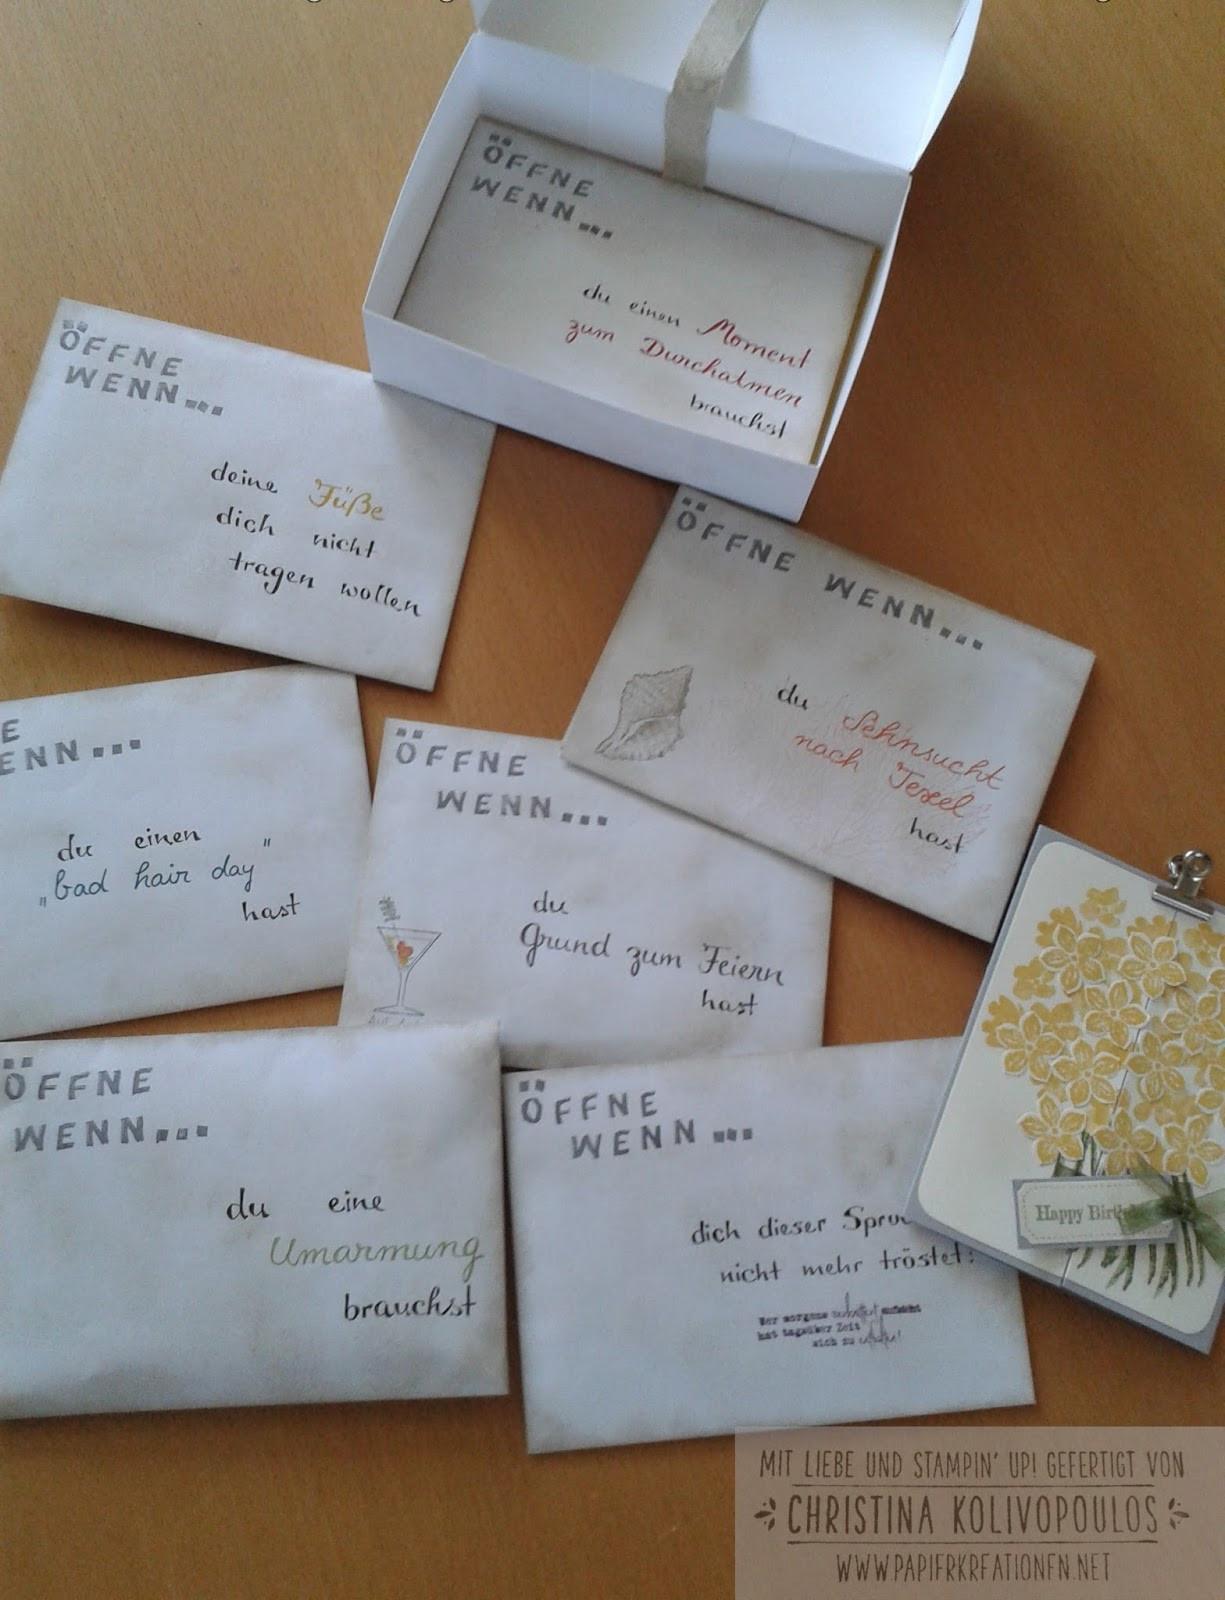 Persönliches Geschenk Für Freund Selbst Gemacht  Papierkreationen Öffne wenn Briefe